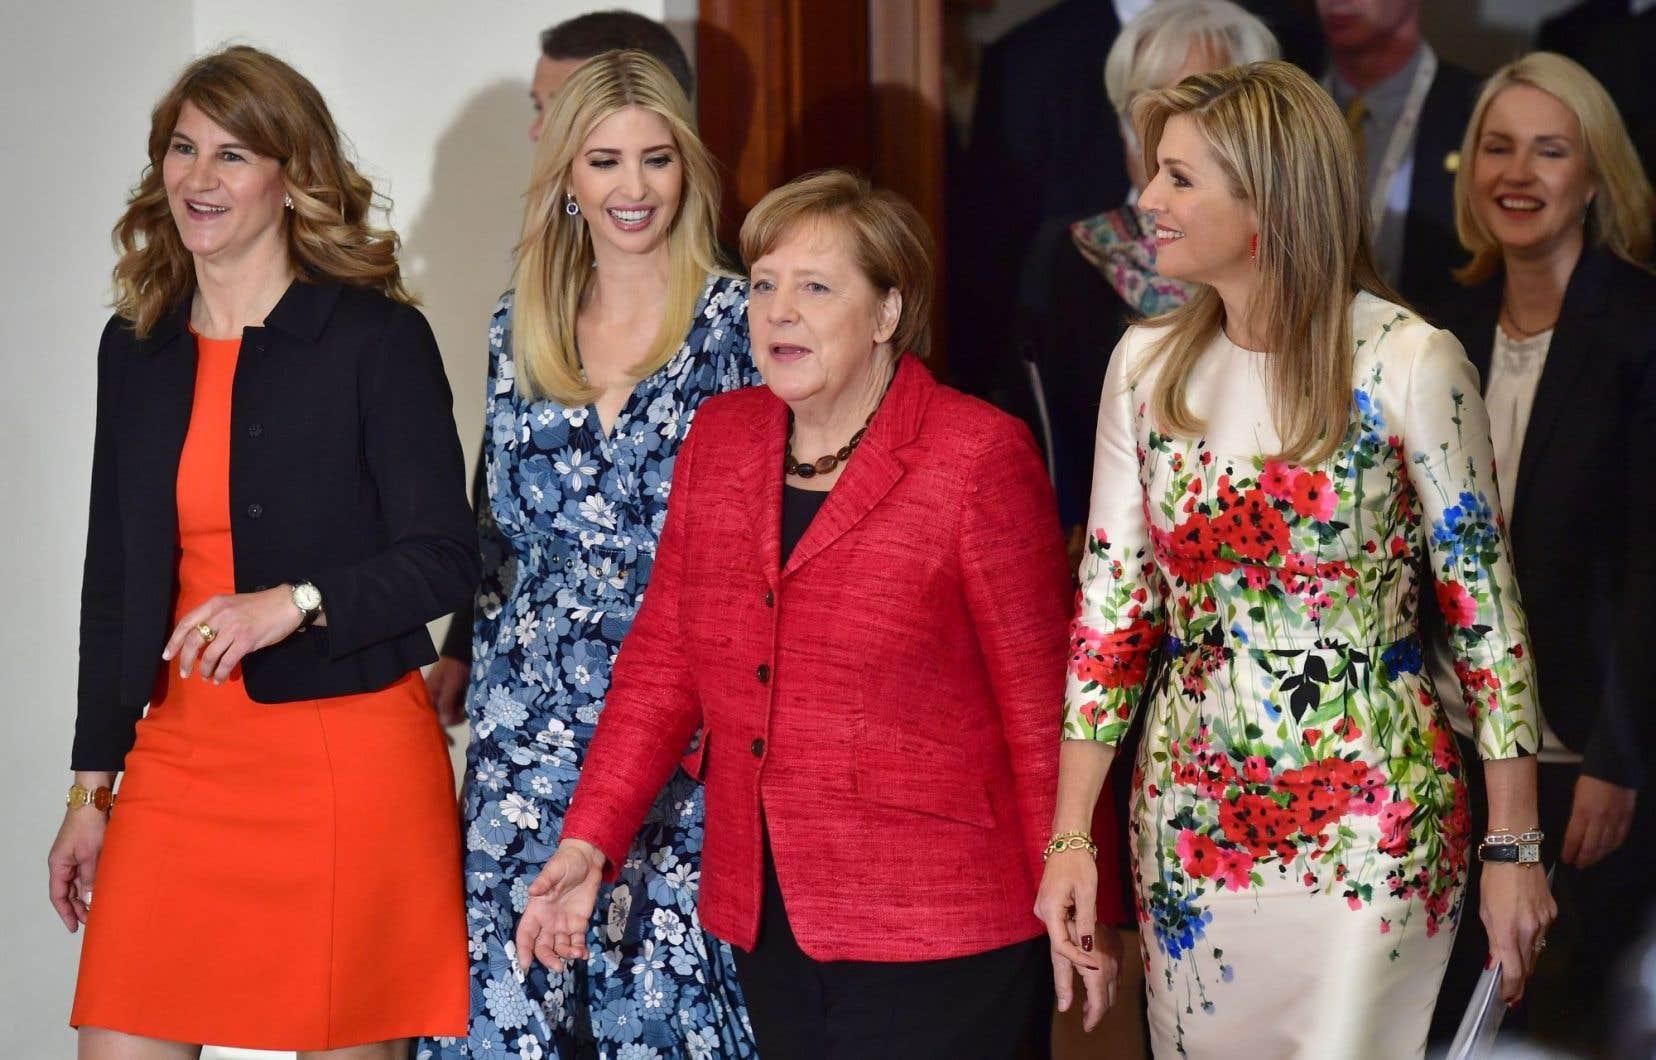 La fille et conseillère du président américain, Ivanka Trump, et la chancelière allemande, Angela Merkel, participaient à un sommet portant sur l'«empowerment» des femmes en marge du G20, en avril.